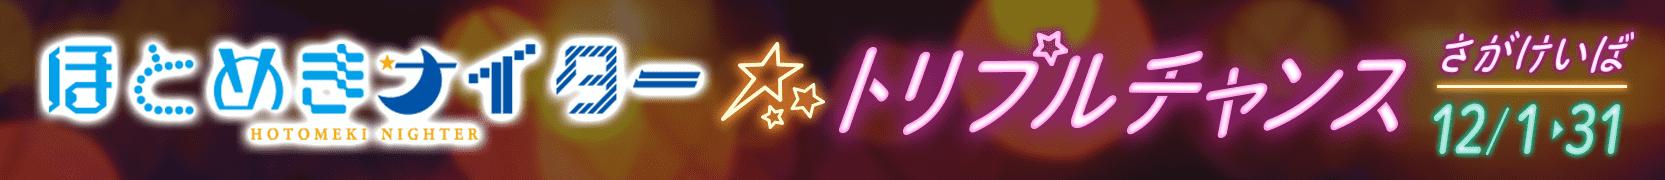 3か月連続:さがけいばナイター★トリプルチャンス第3弾(2020年12月)